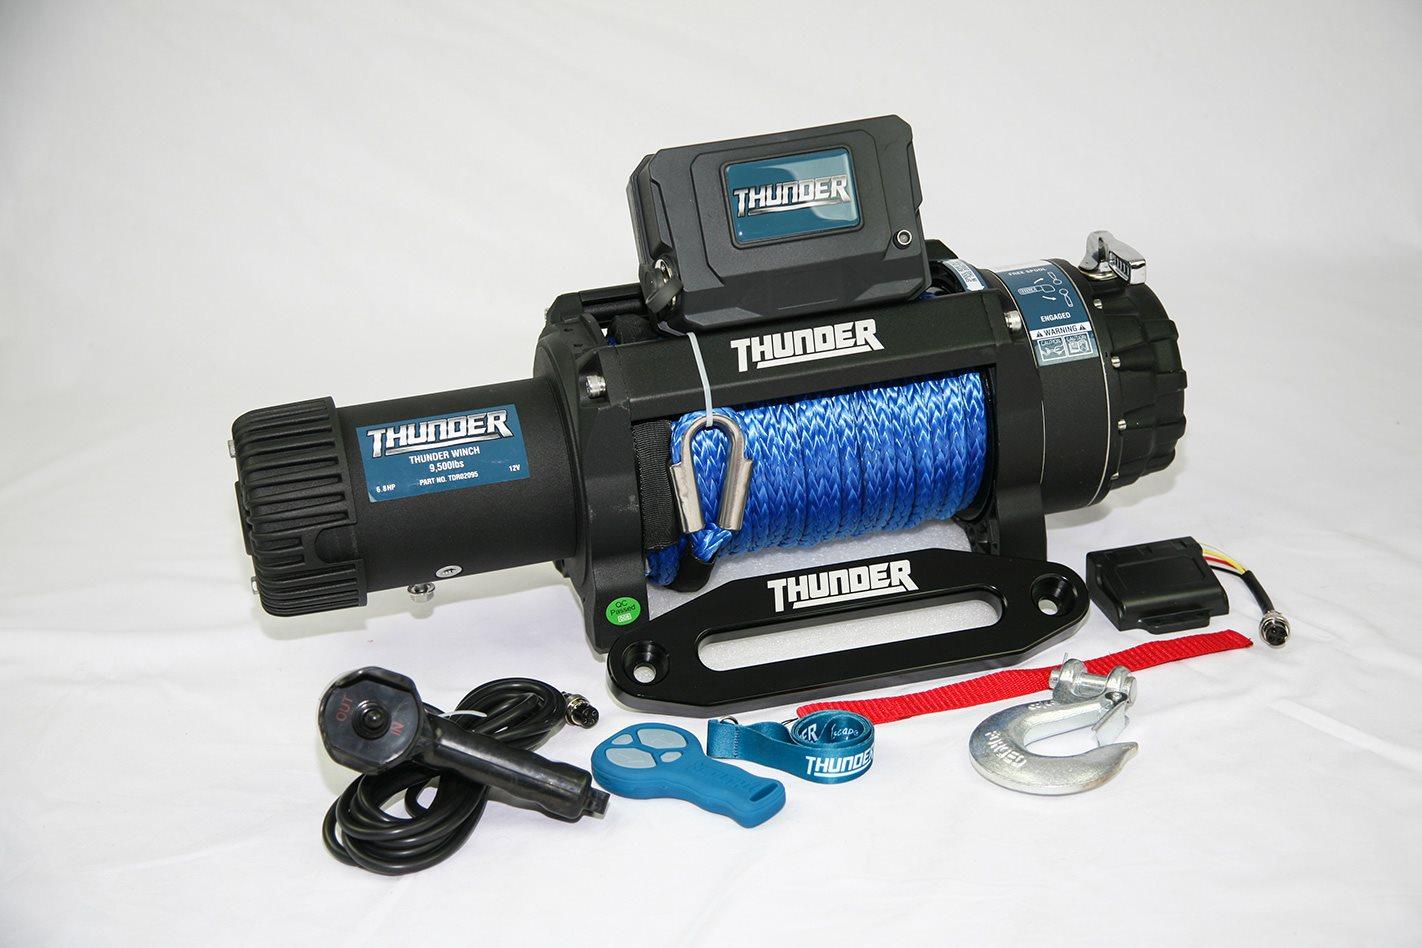 Thunder 9500 kit.jpg